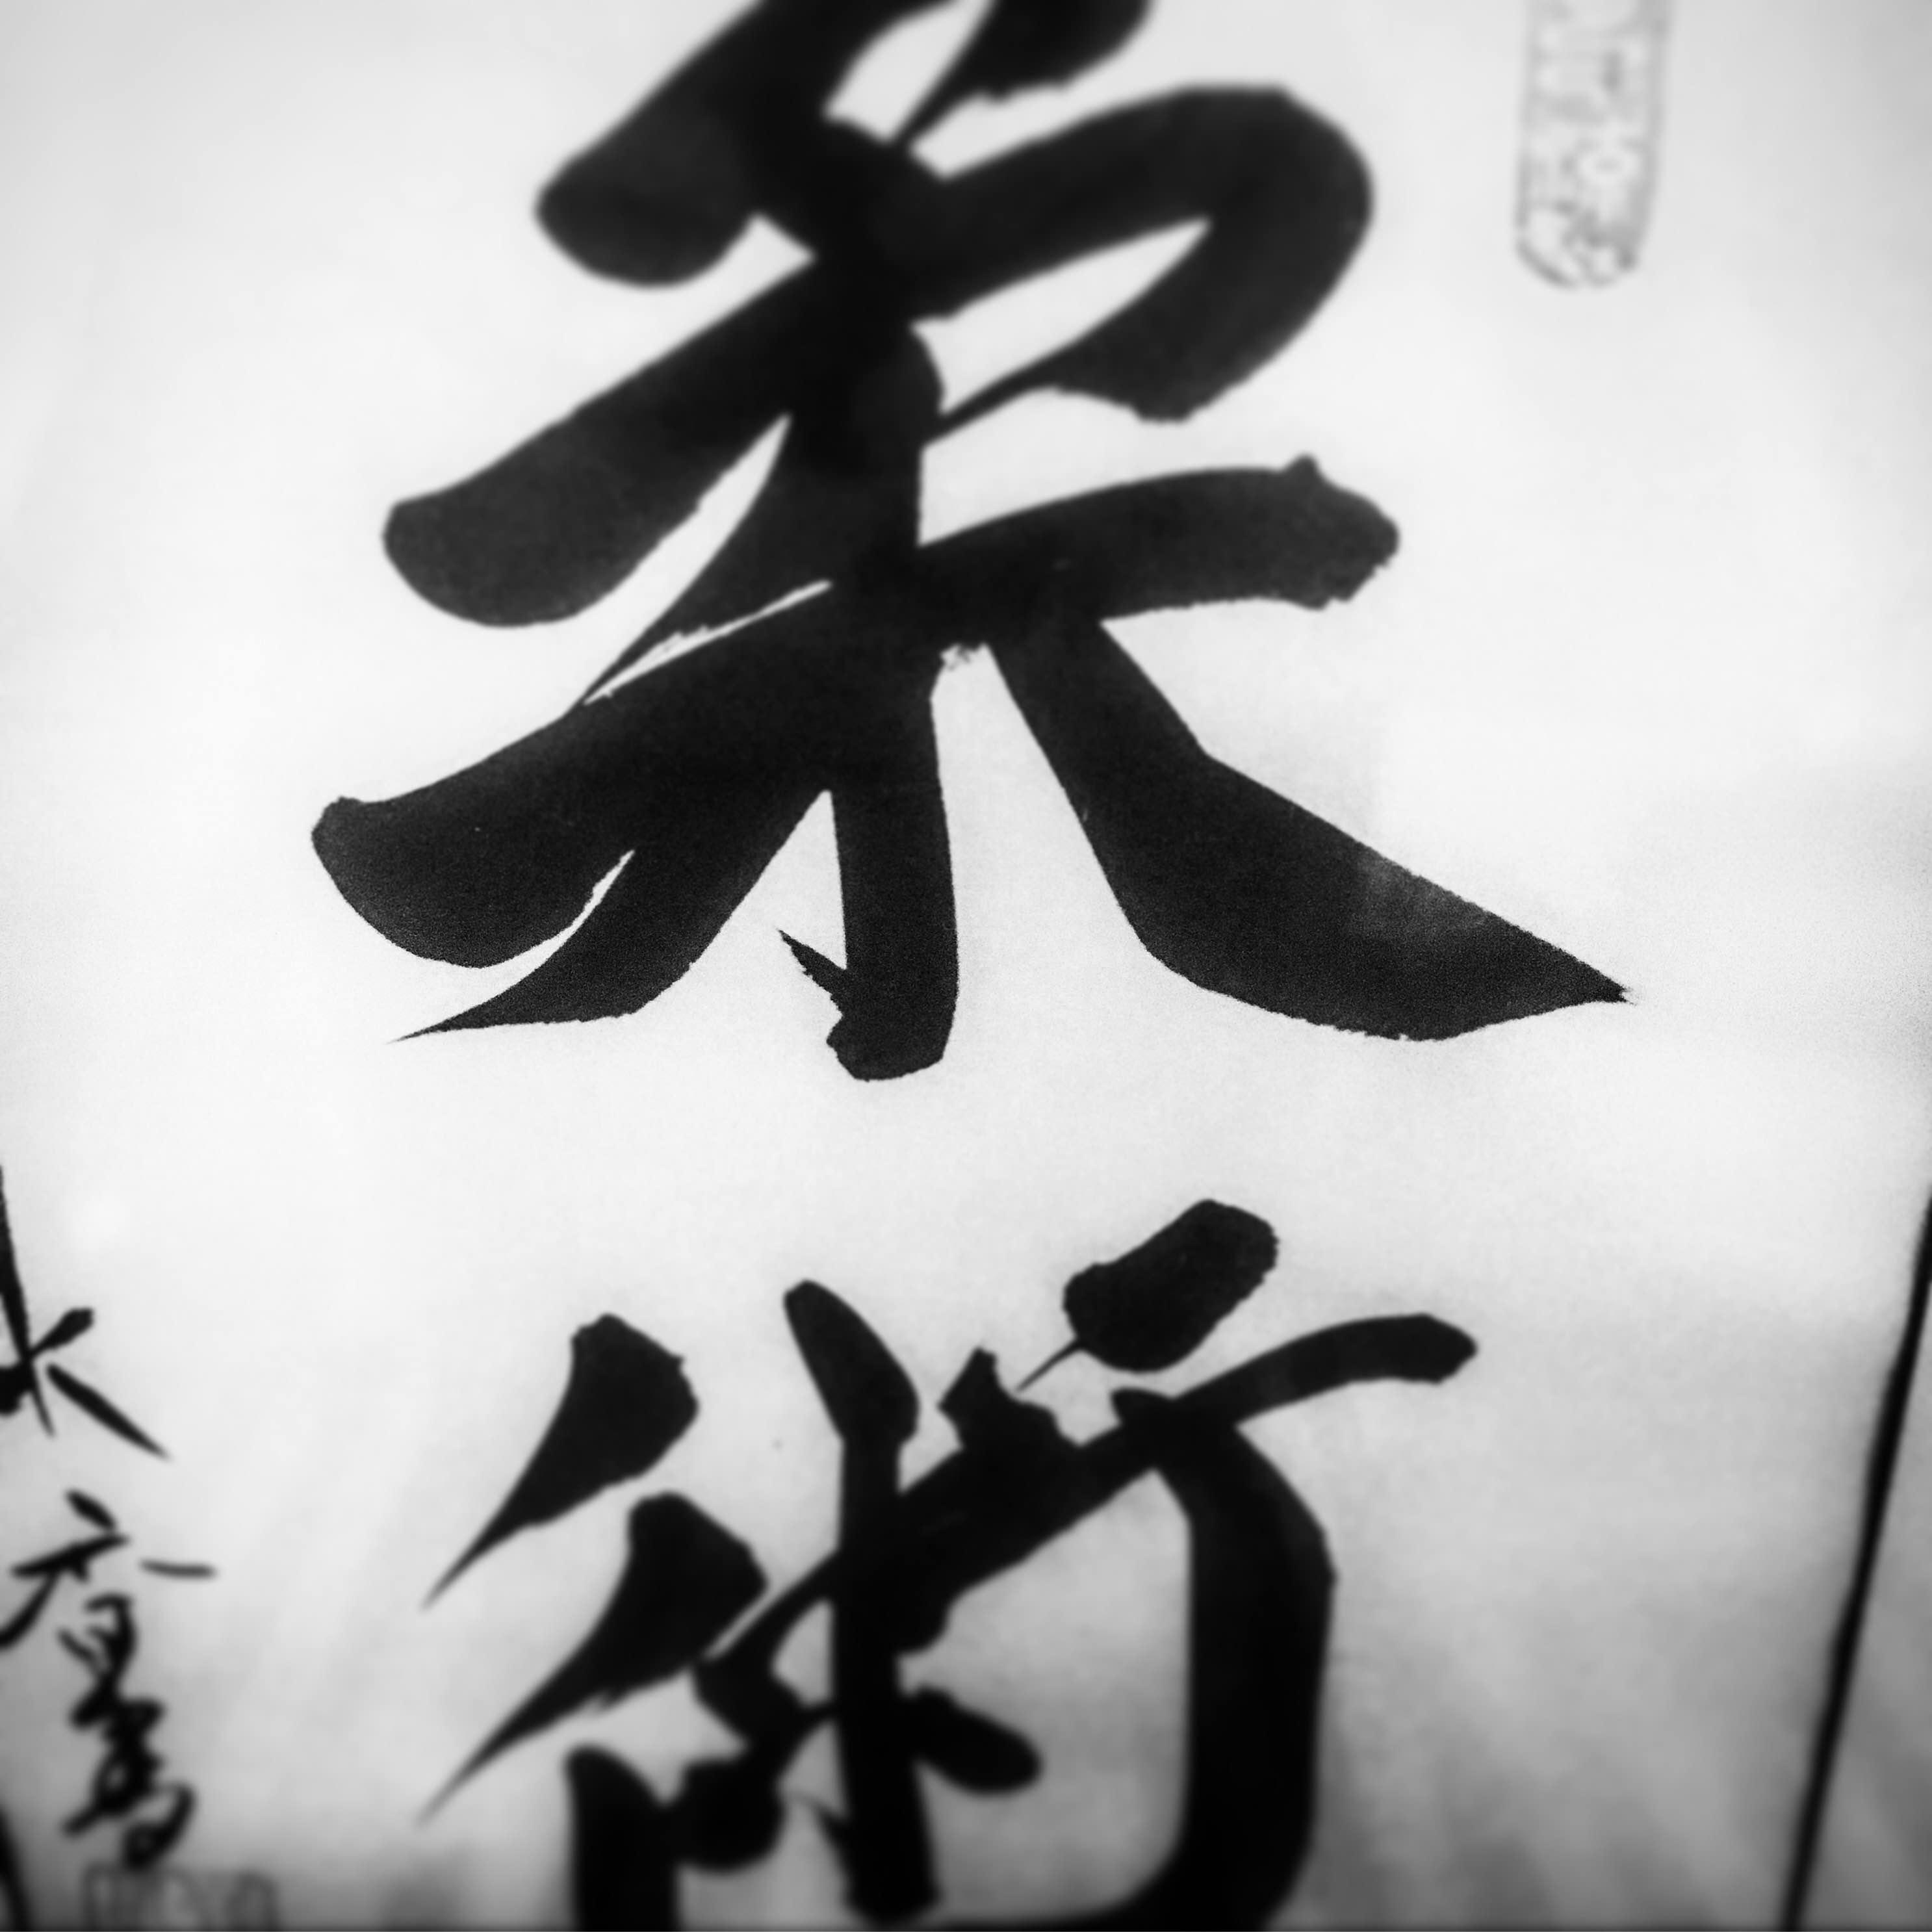 Sentō Ryu Ju Jutsu